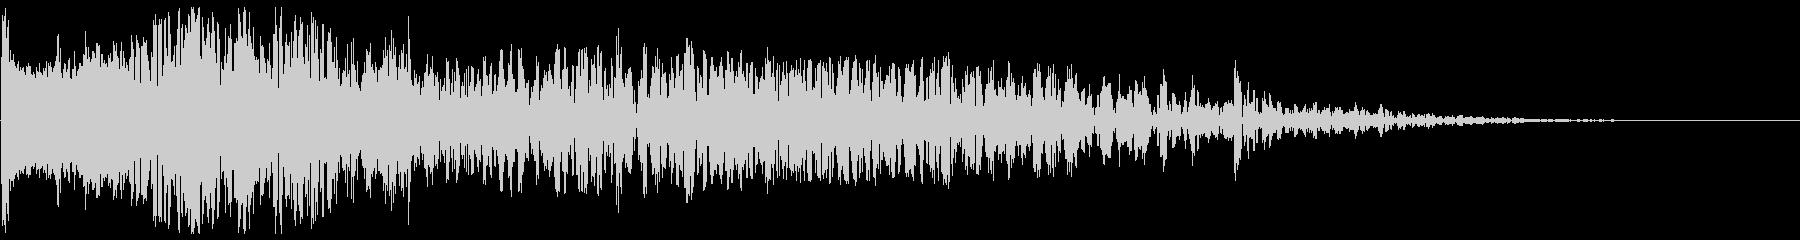 爆発音・大砲5の未再生の波形